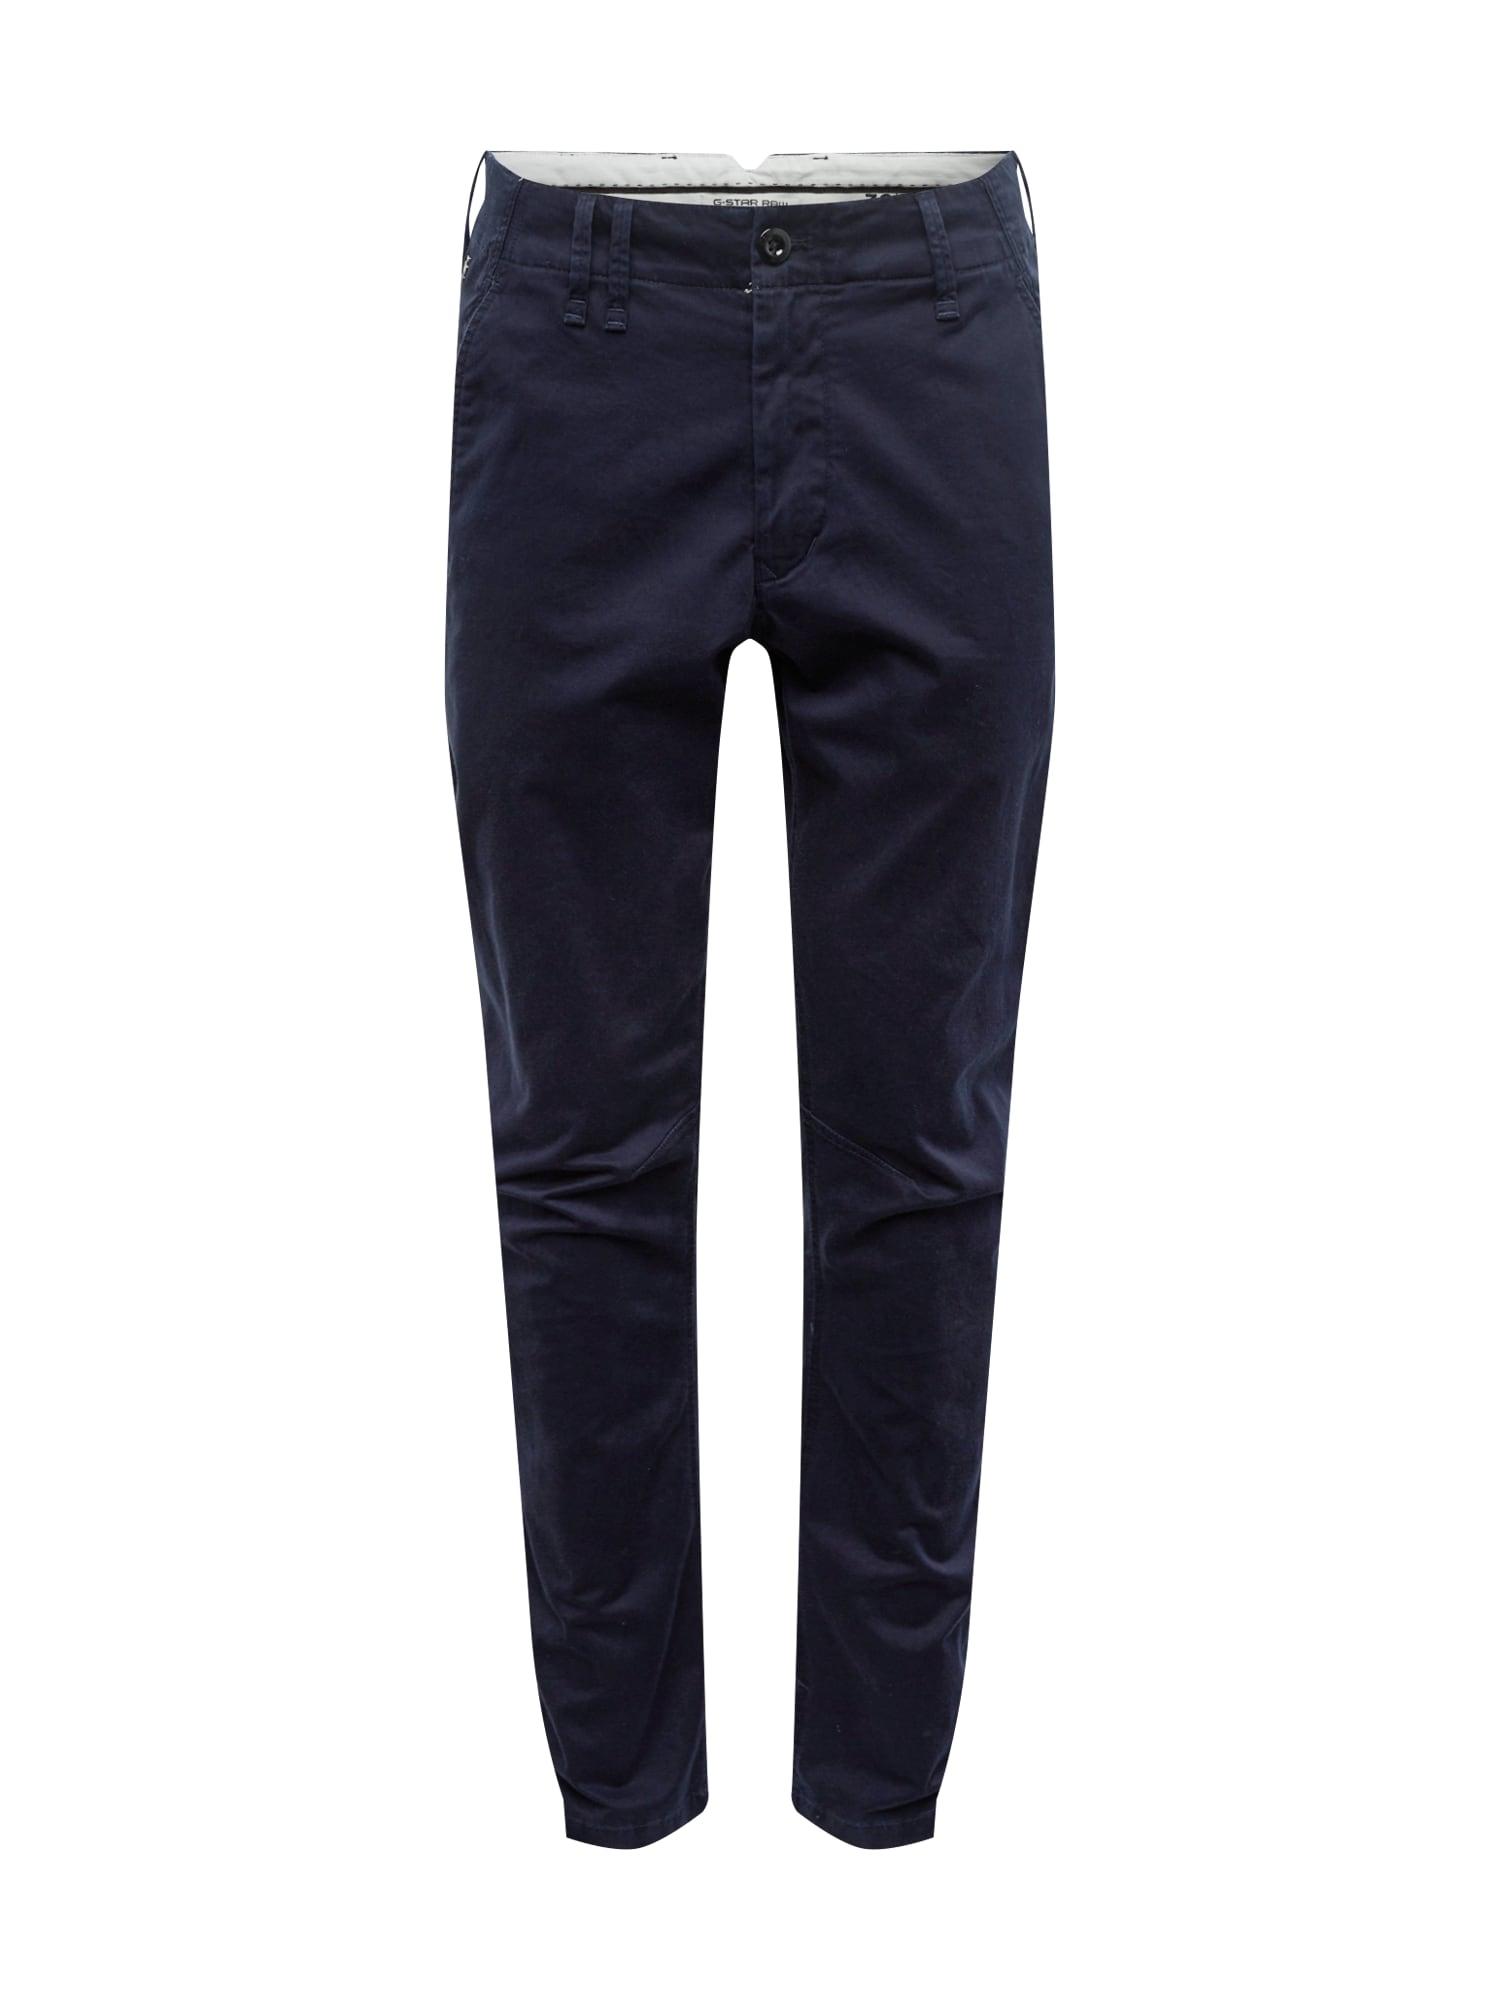 Chino kalhoty Vetar ultramarínová modř G-STAR RAW